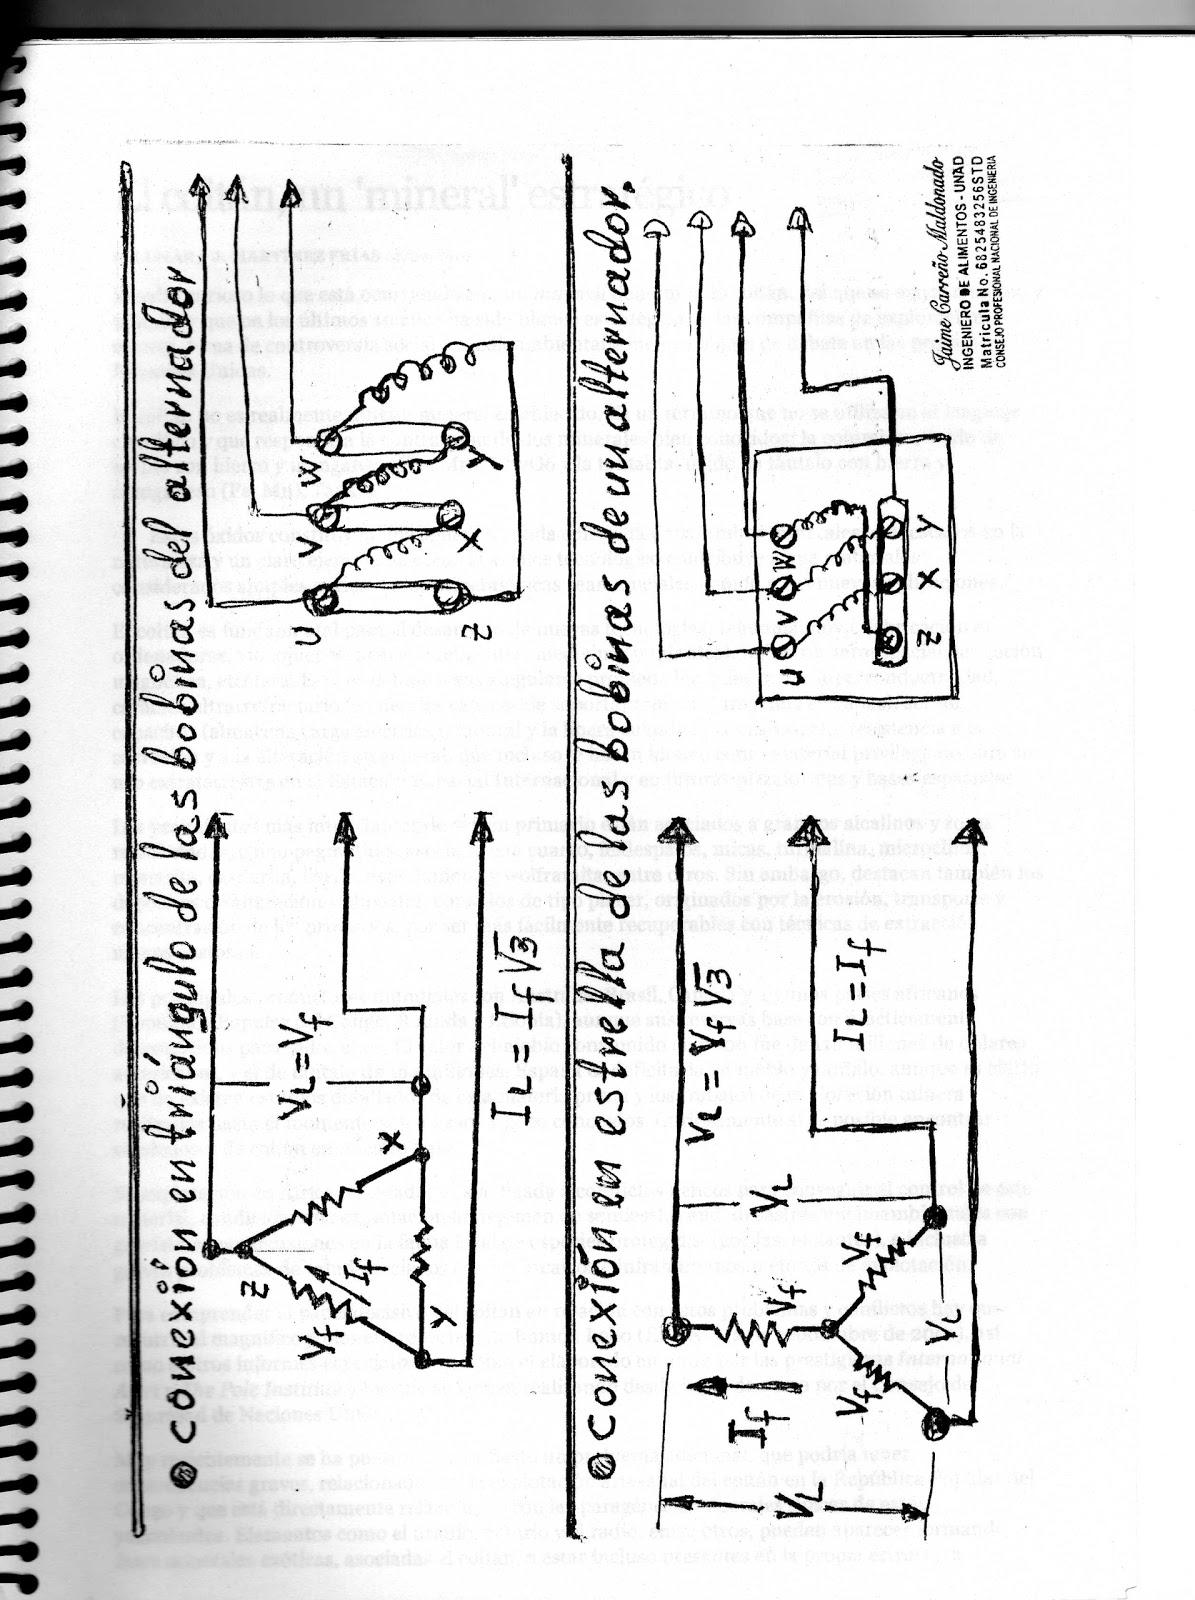 INVESTIGACIONES JAIME: Conexiones triángulo/estrella en